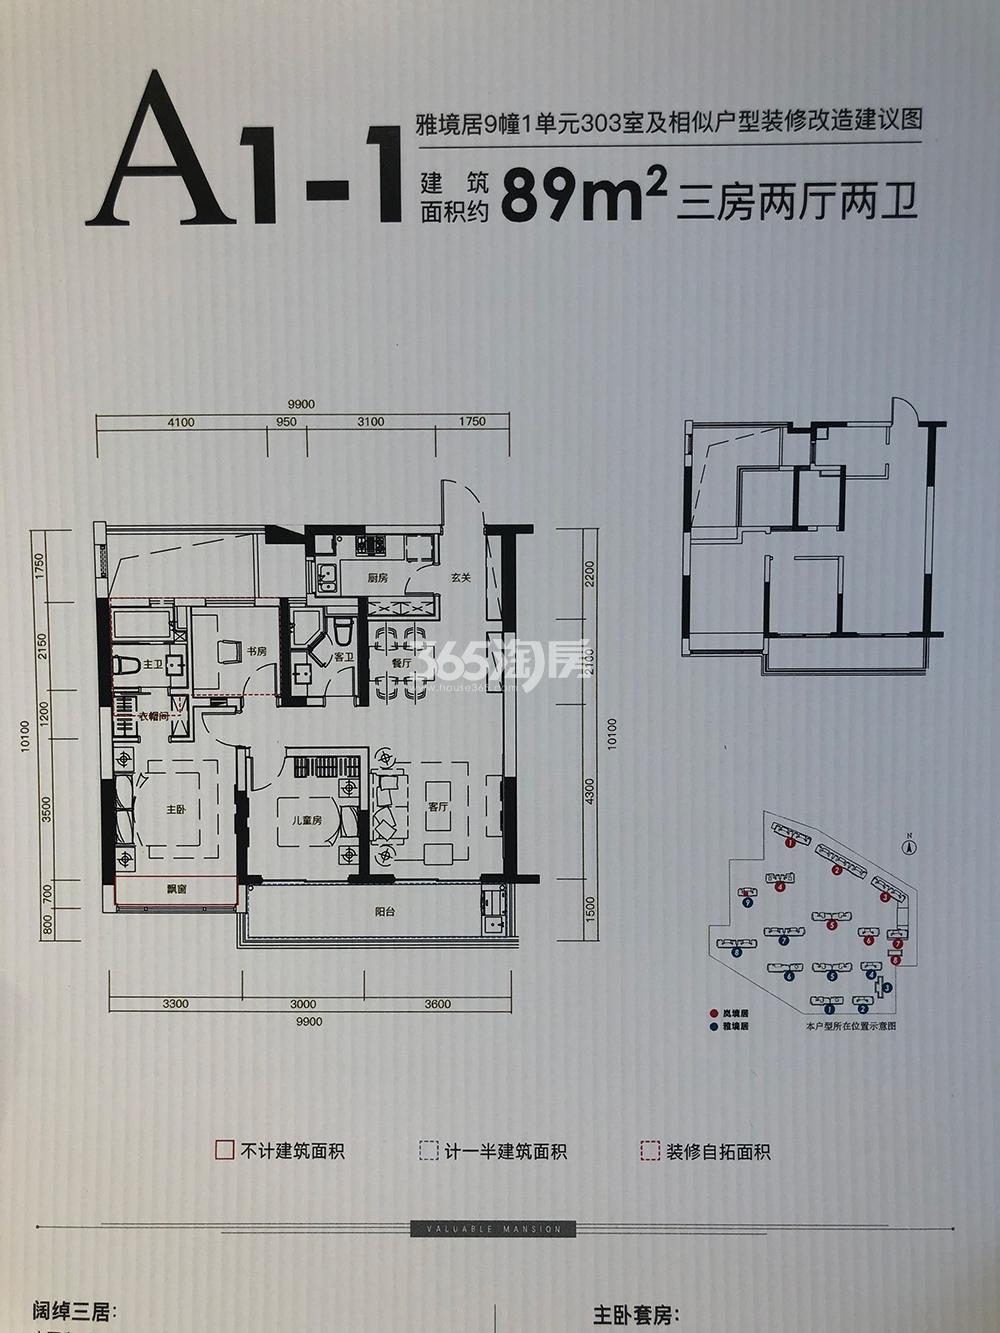 融创金成江南府9号楼A1-1户型89方